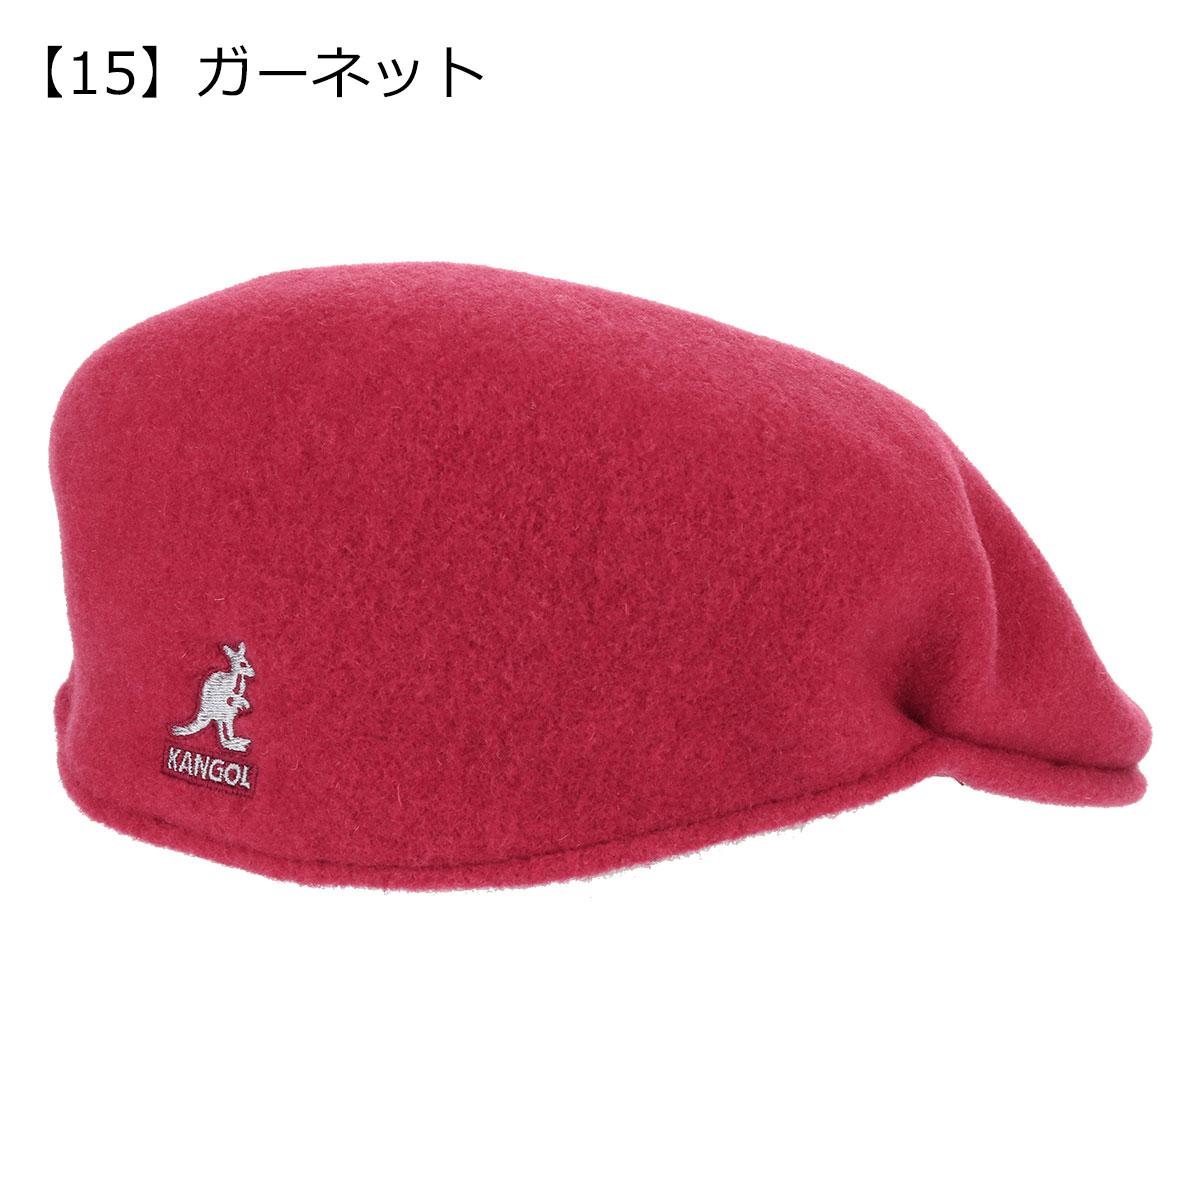 【15】ガーネット